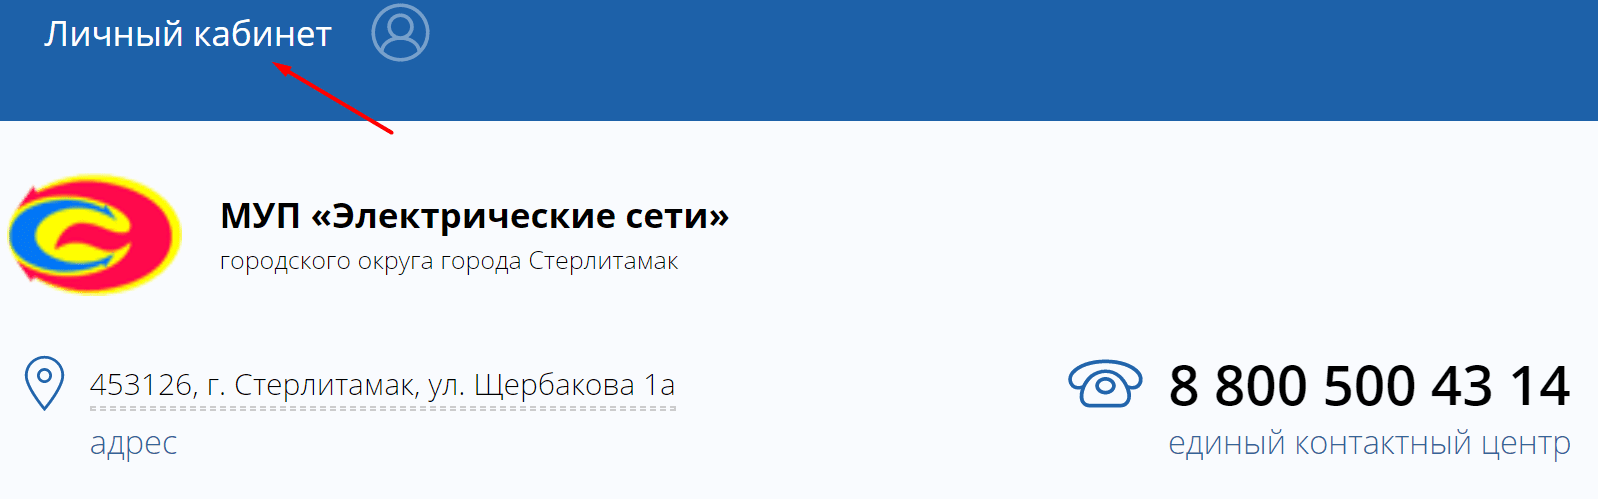 Сайт МУП «Электрические сети» городского округа город Стерлитамак